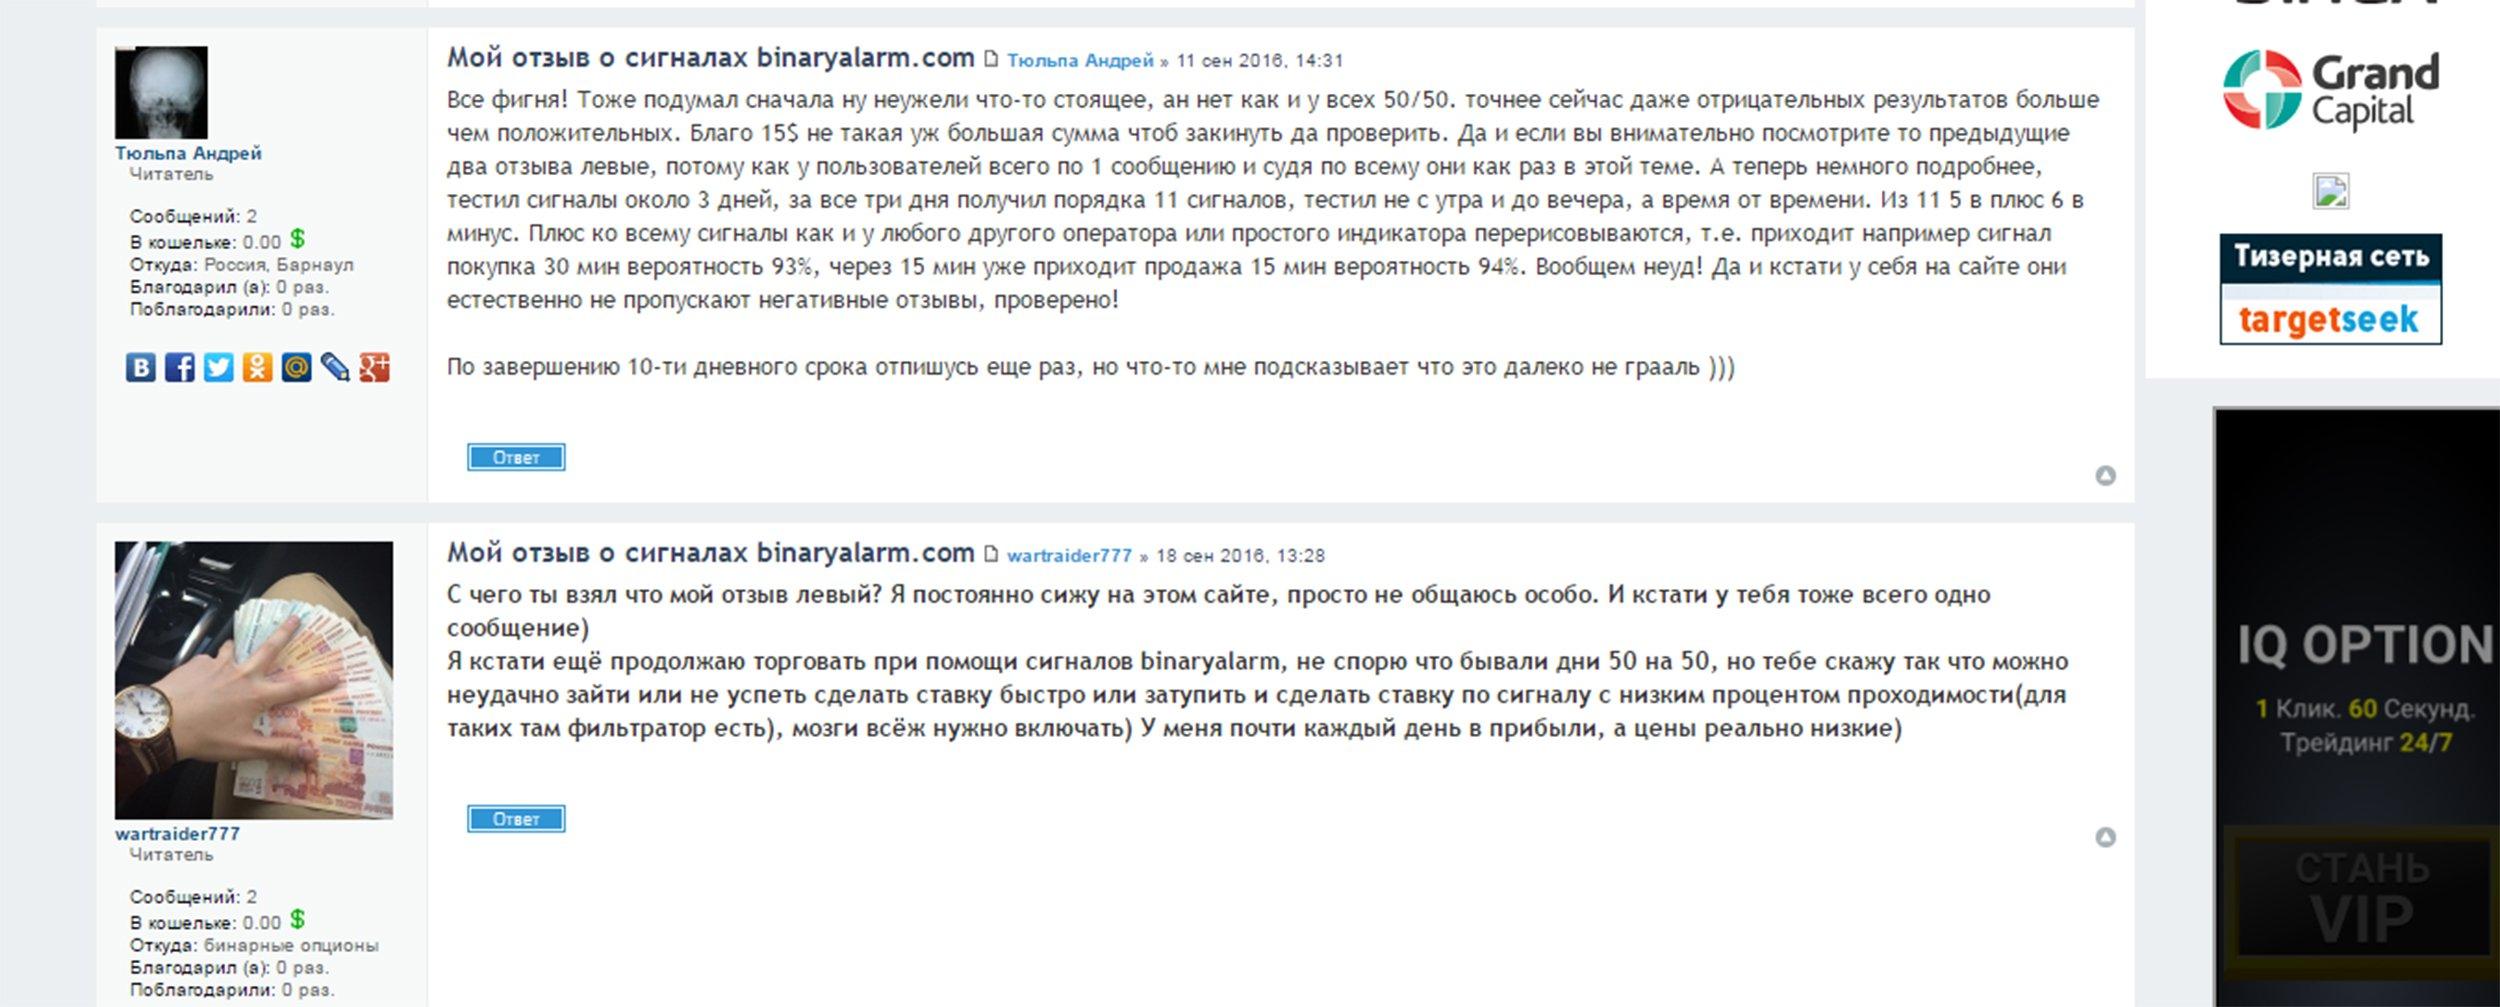 отзывы о binaryalarm.com